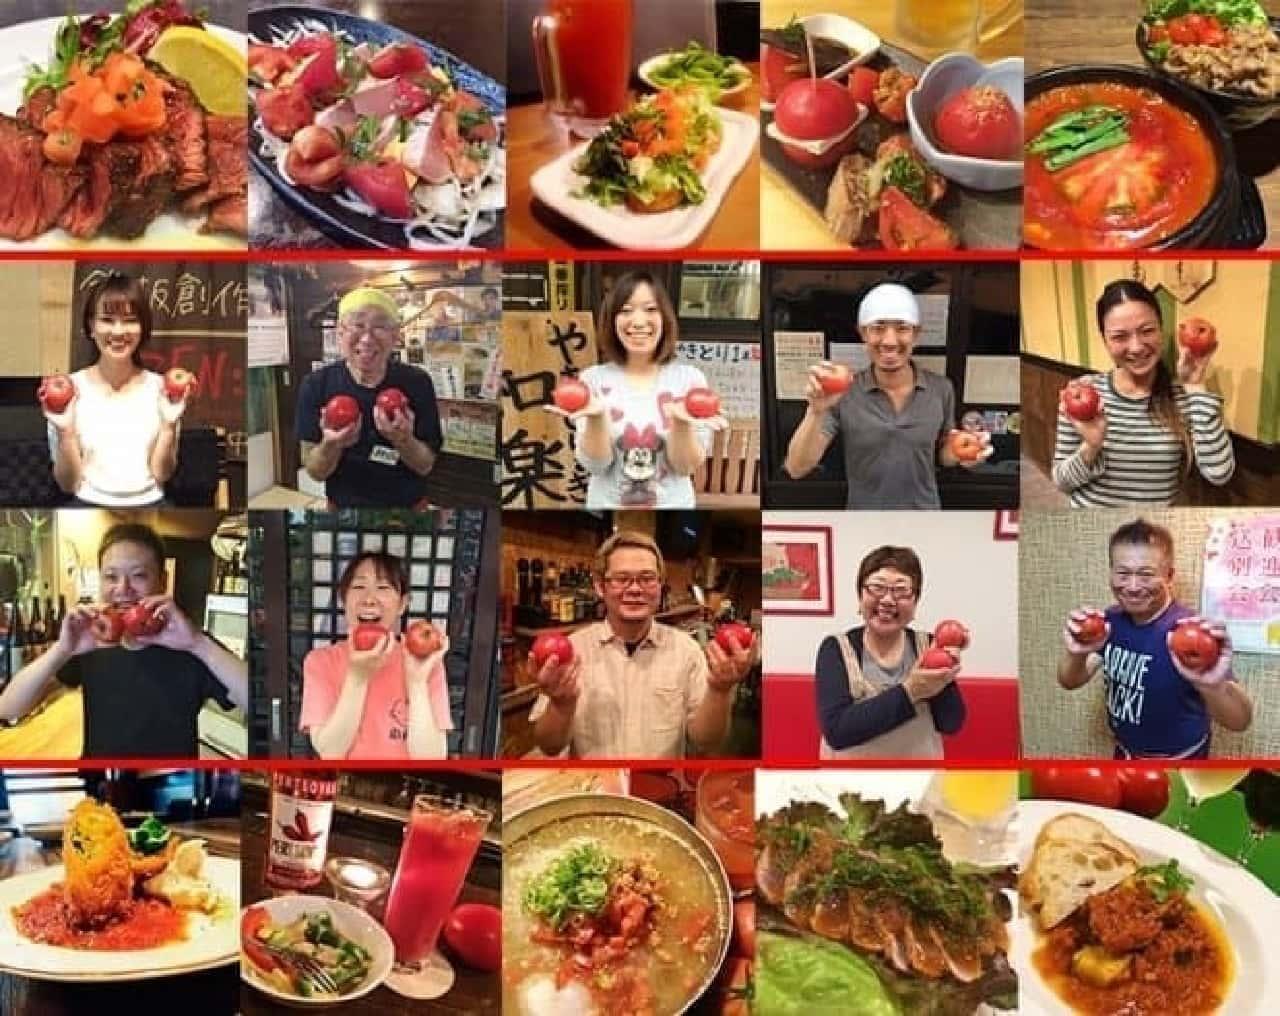 トマトdeバルin塚本、料理と店主のコラージュ写真